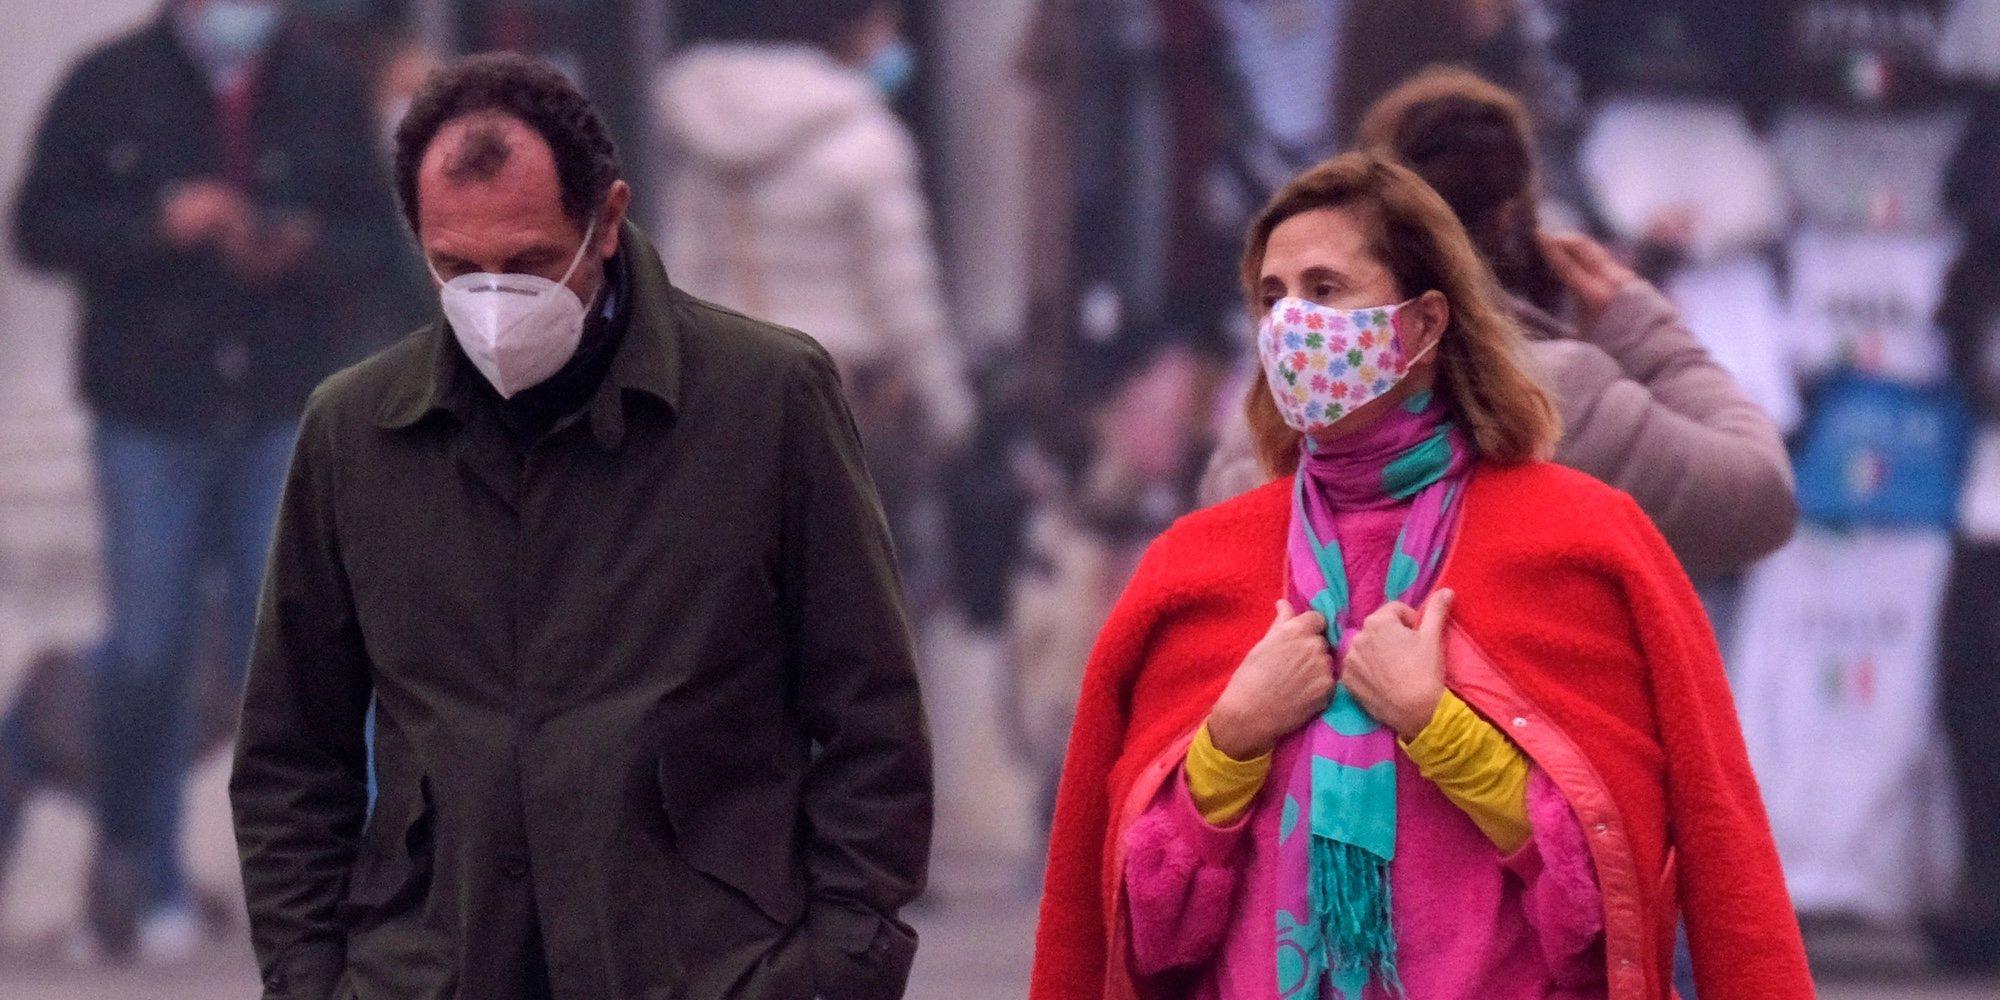 La romántica escapada de Ágatha Ruiz de la Prada y Luis Gasset a Venecia